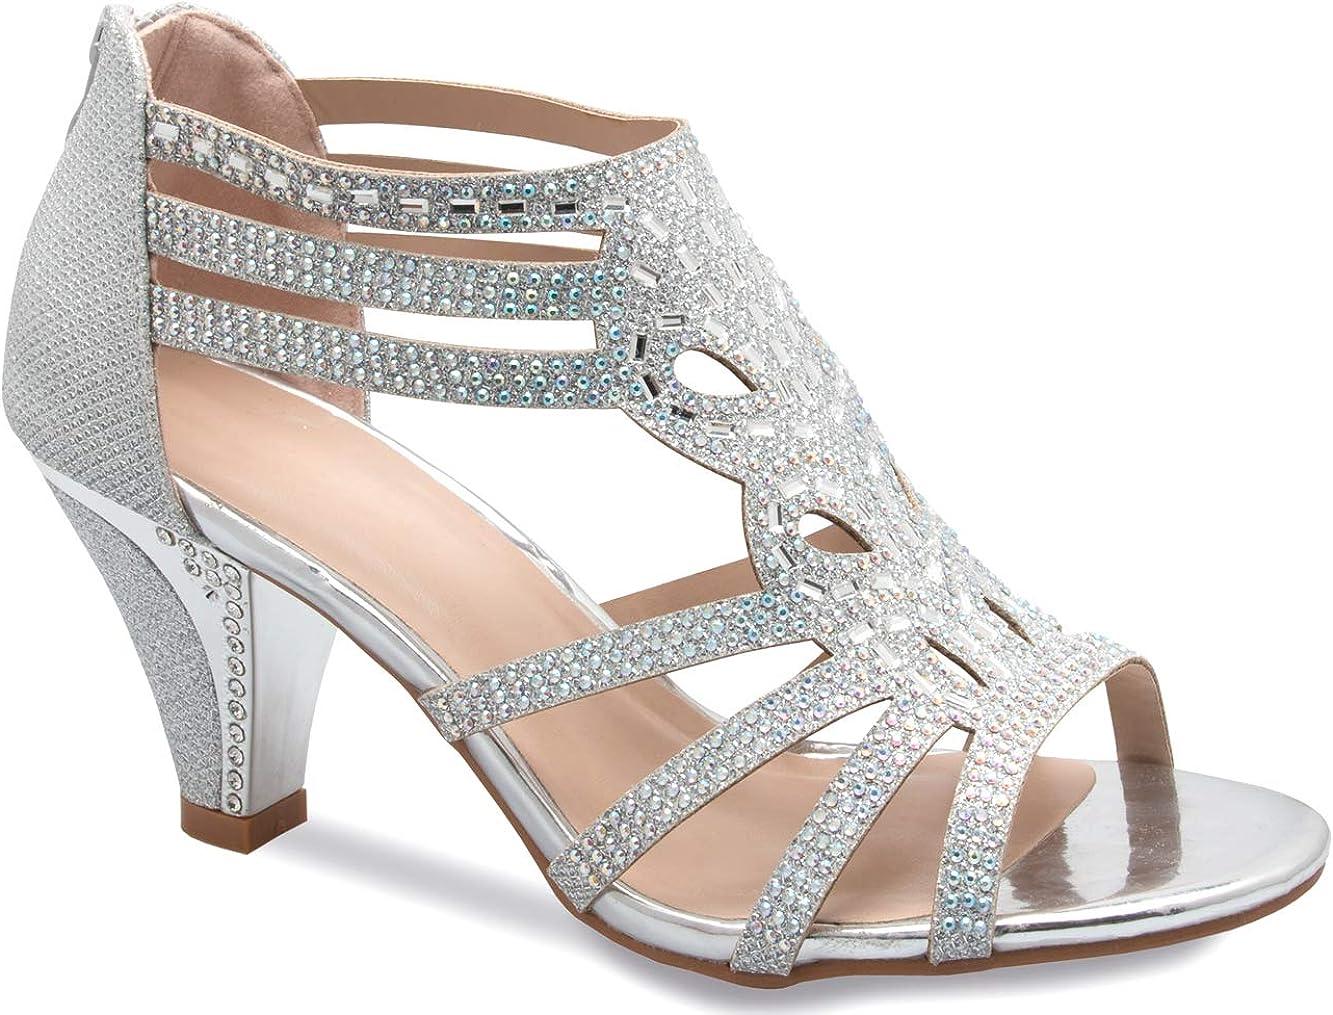 Olivia K Women's Open Toe Strappy Rhinestone Dress Sandal Low He